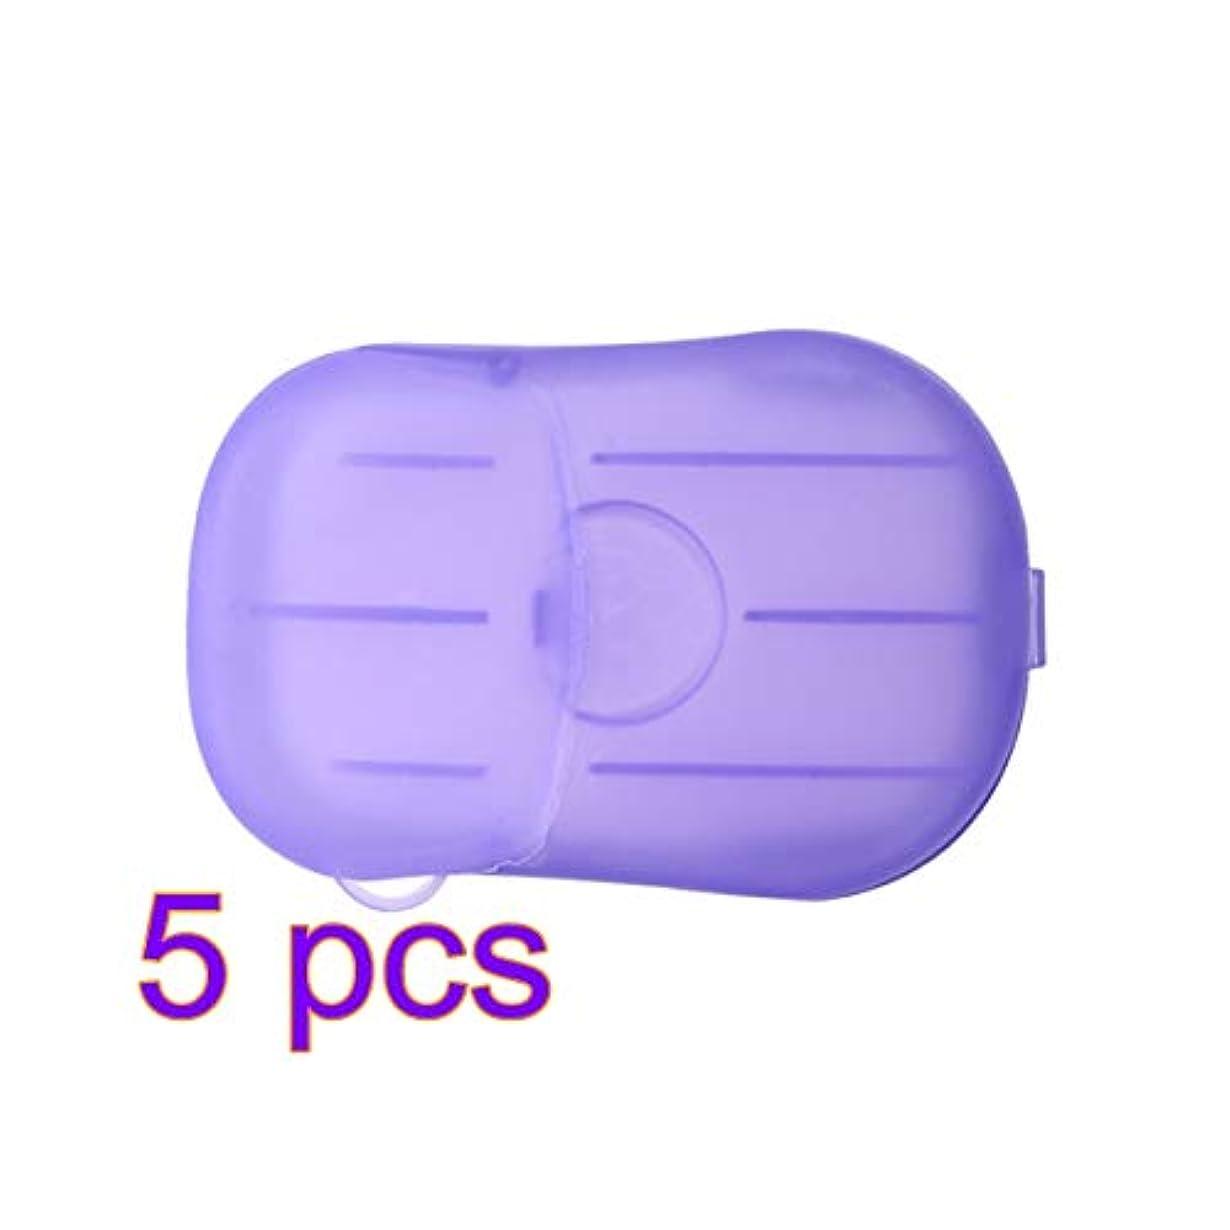 セラフマニフェストきらめきLIOOBO 5セットポータブルソープペーパー使い捨て手洗いペーパーソープスライスシーツ子供用大人トイレ旅行屋外用(パープル)